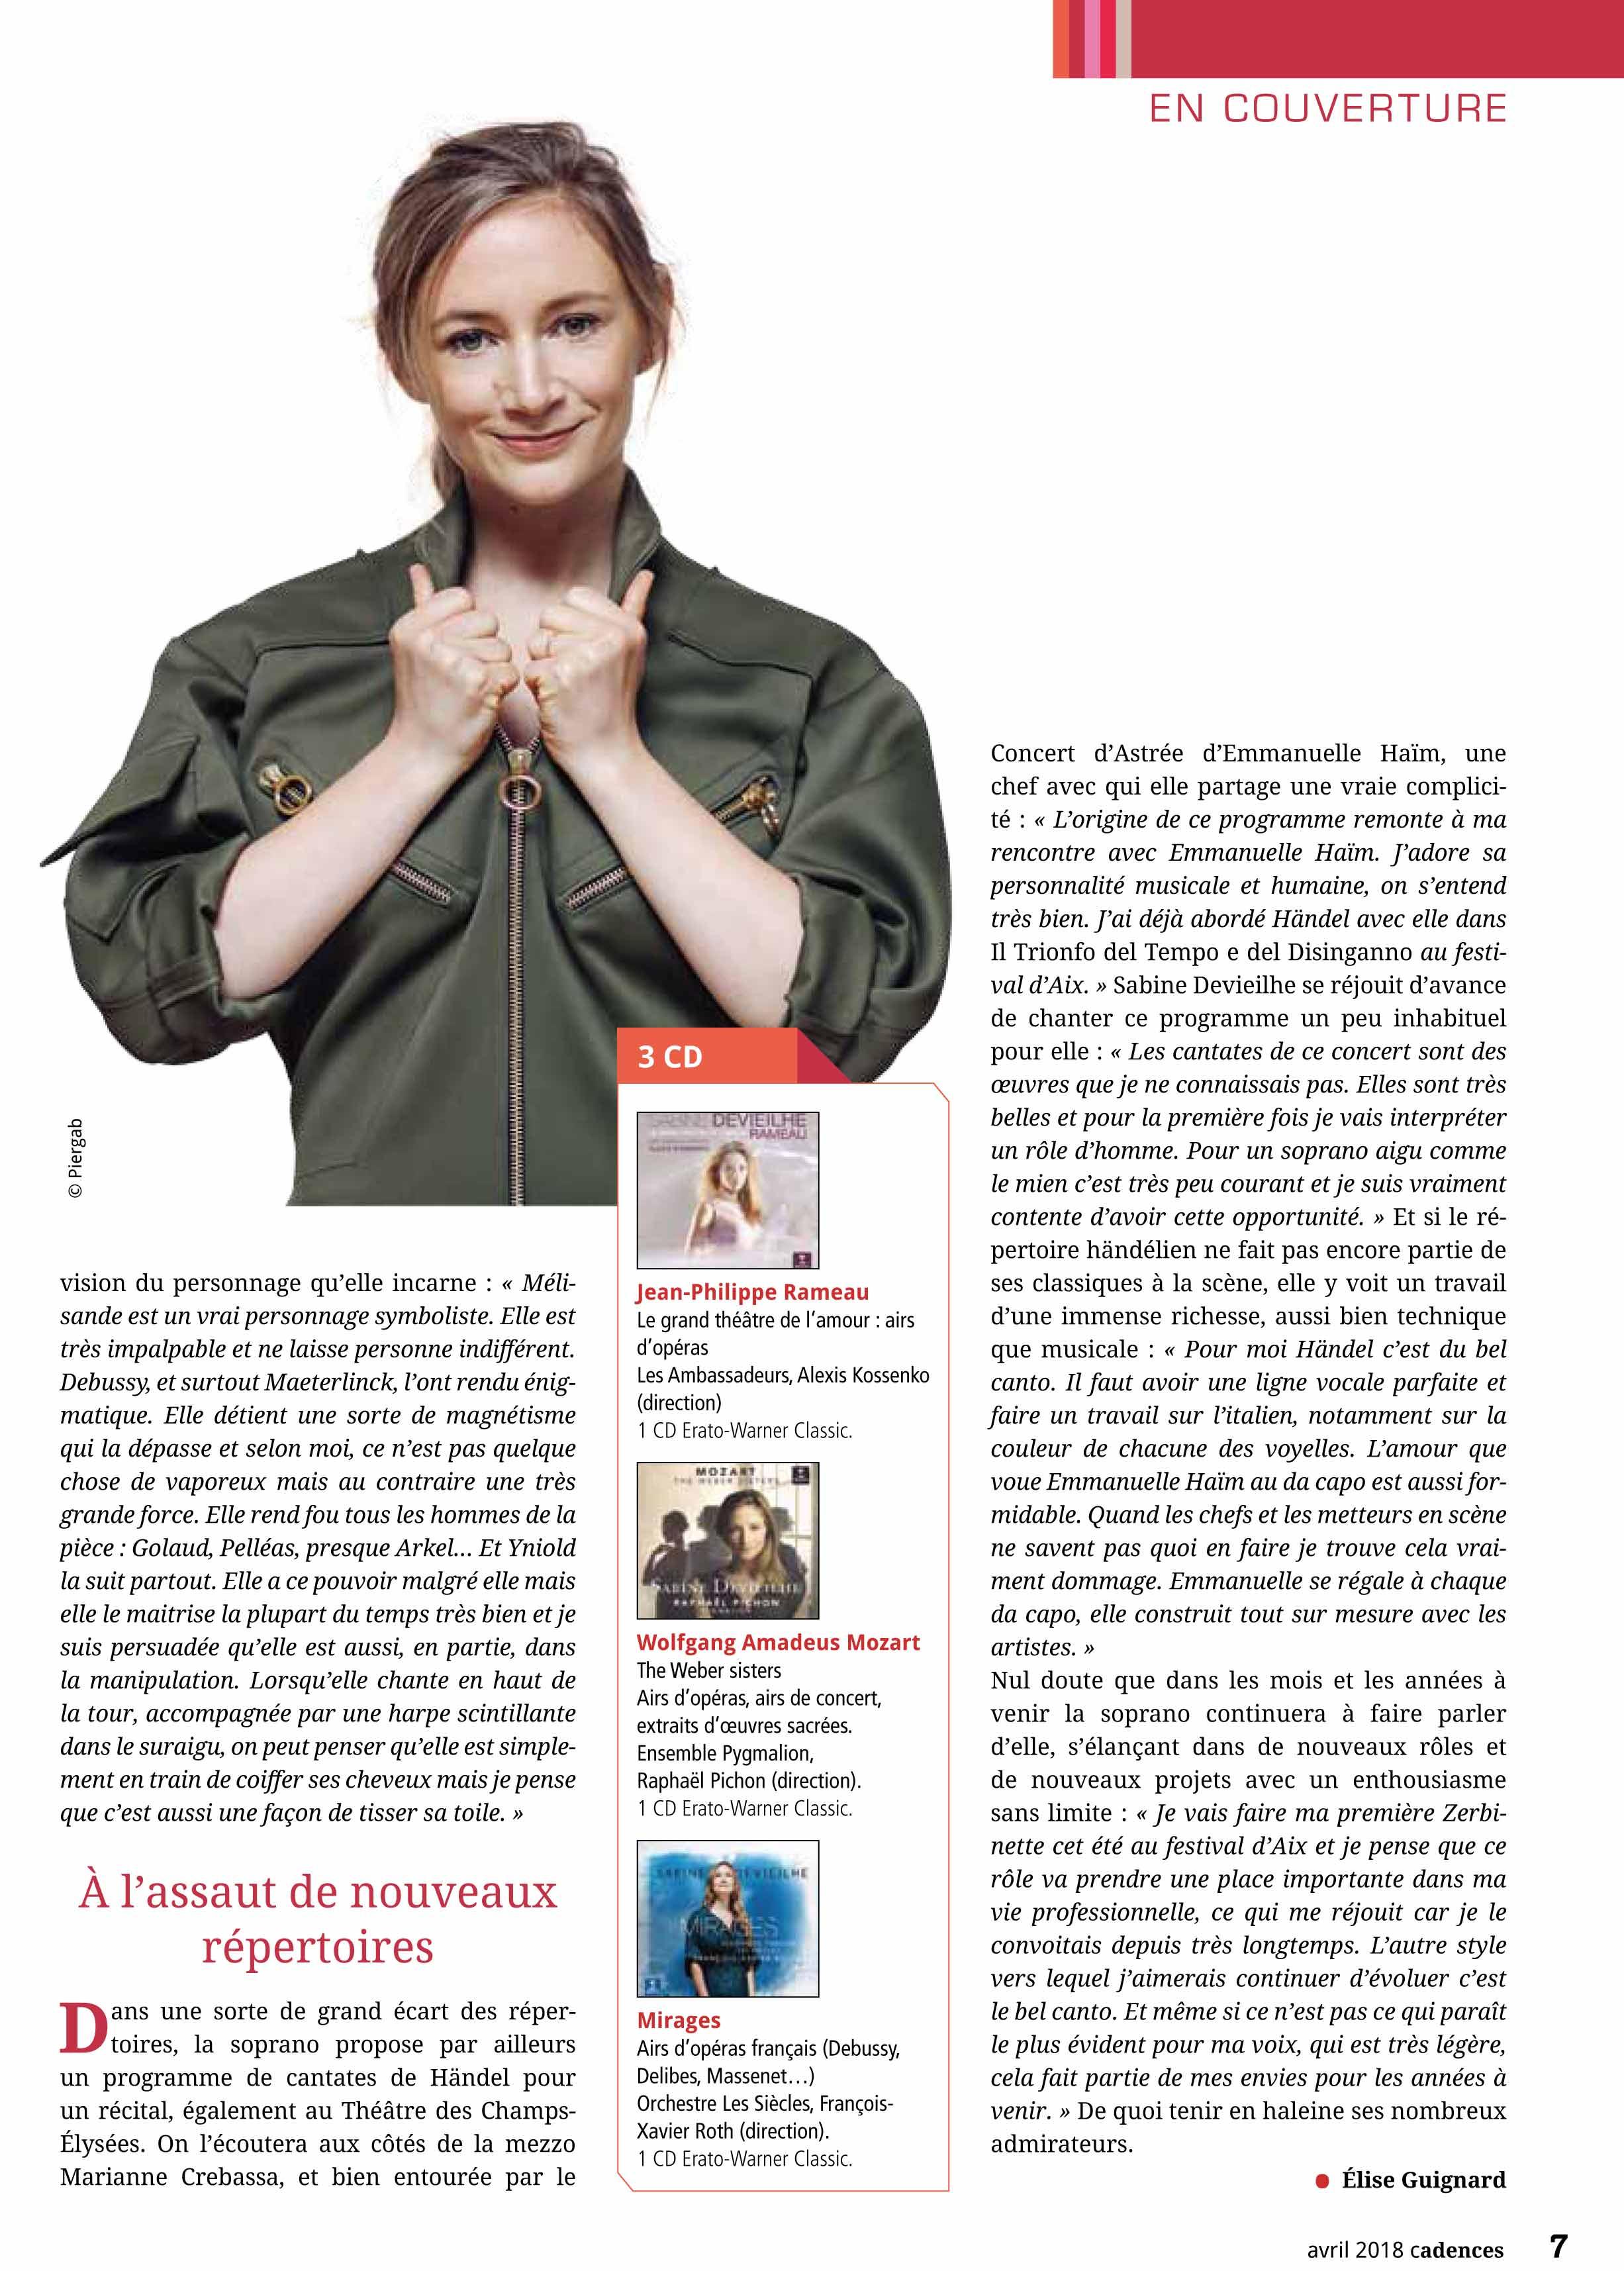 Interview de Sabine Devieilhe dans le numéro de Cadences d'avril 2018